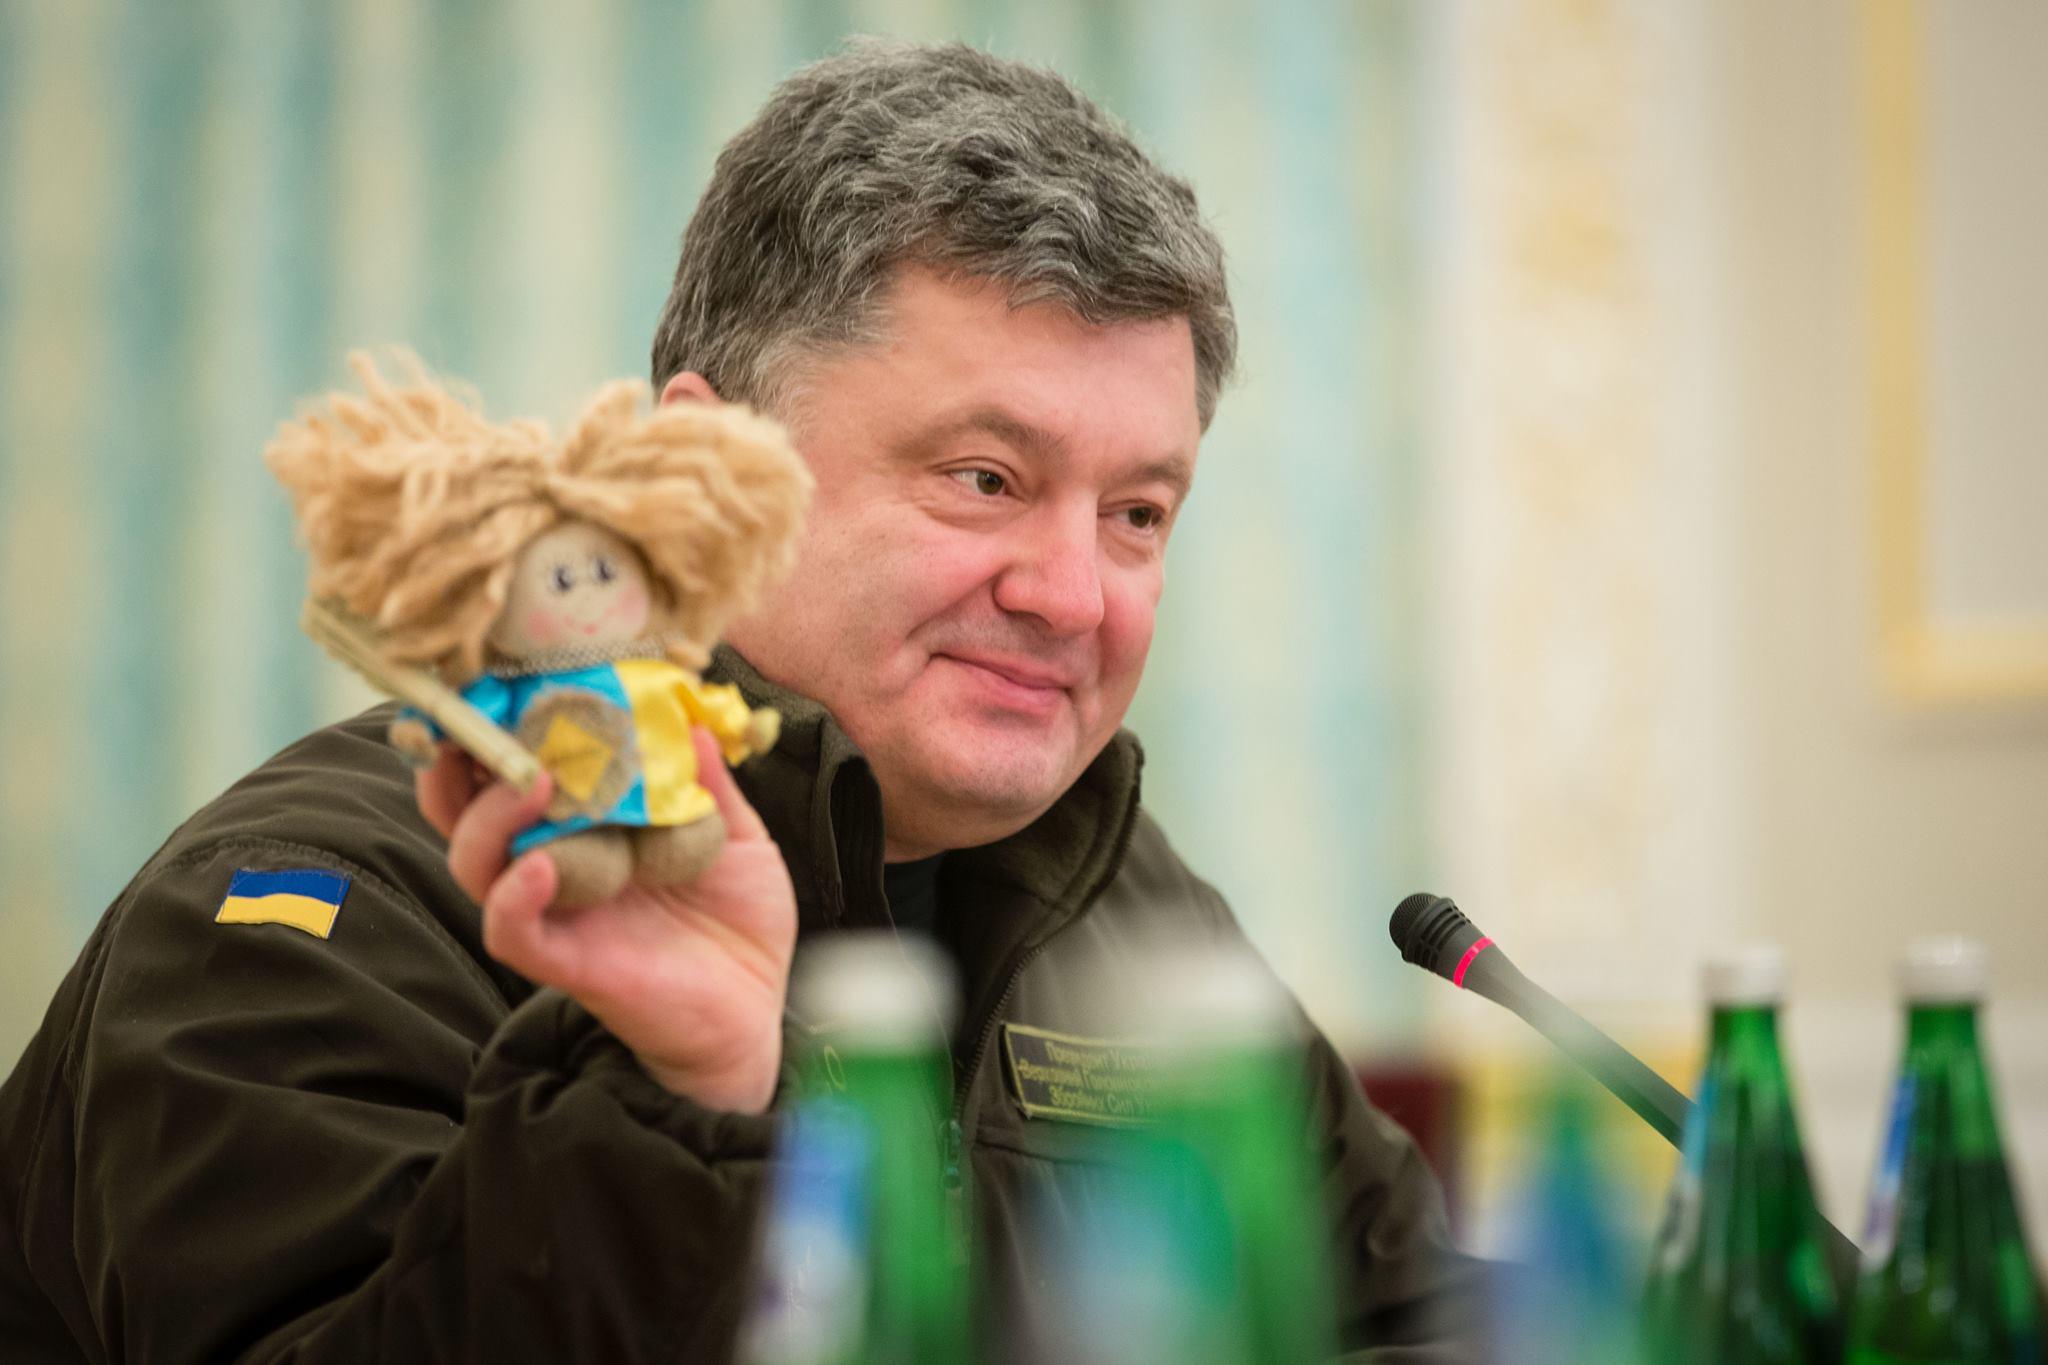 Украинцы определились с новым президентом: будут голосовать за ПетЮлю